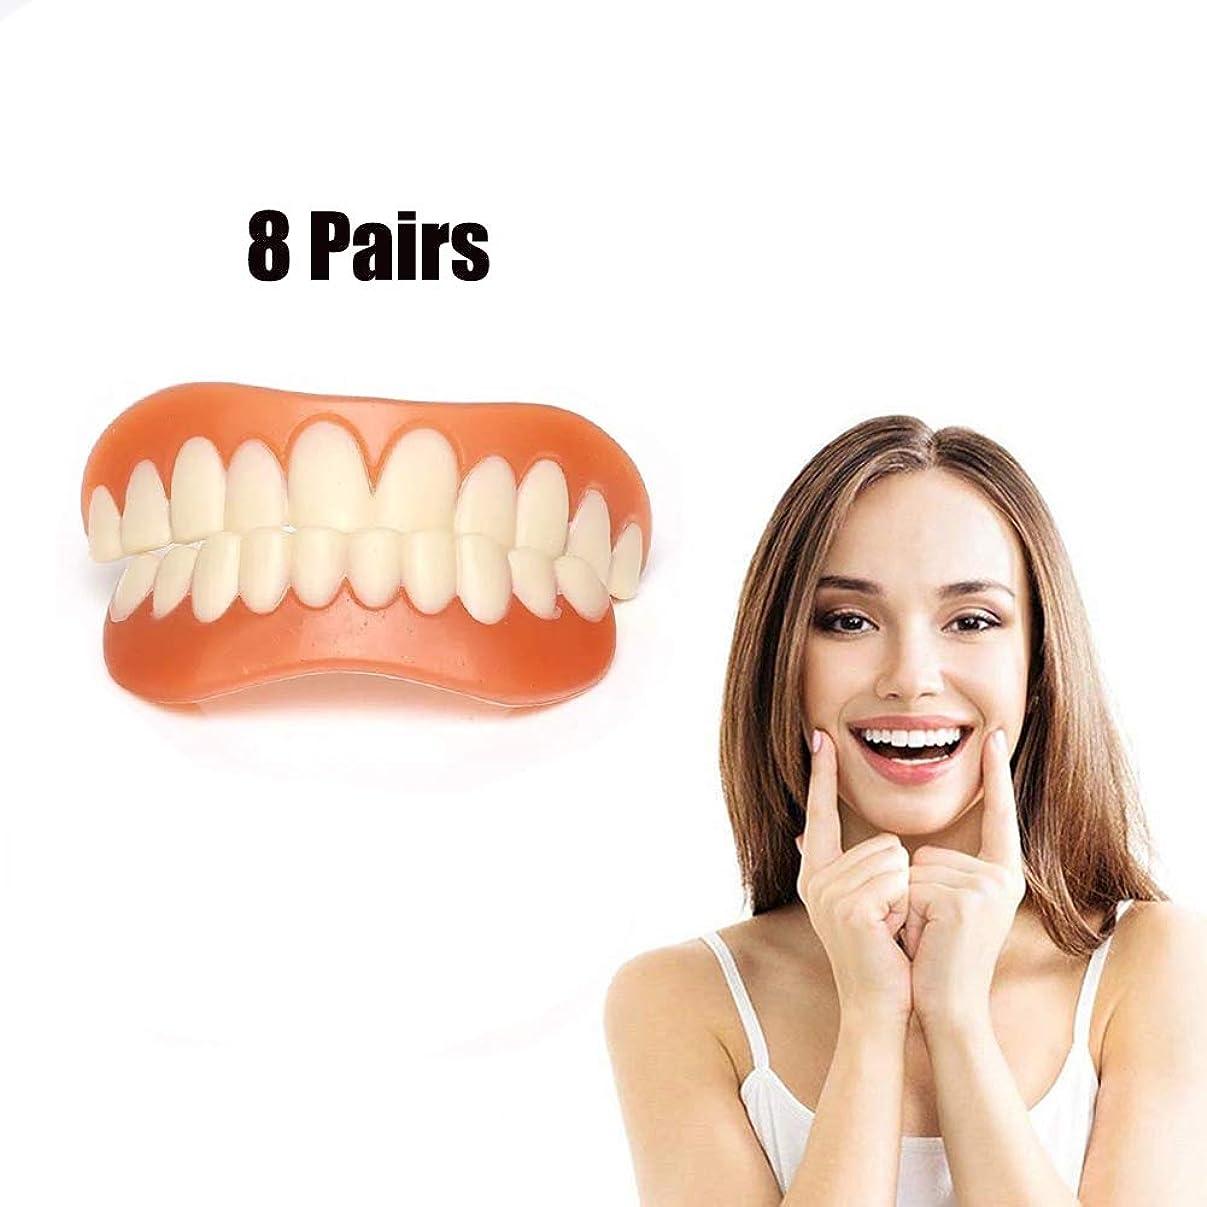 好ましい創傷チャンピオン8組安全なベニヤ歯、インスタント笑顔の快適さ修正義歯を白くする偽の歯 - ワンサイズフィット(下+上)